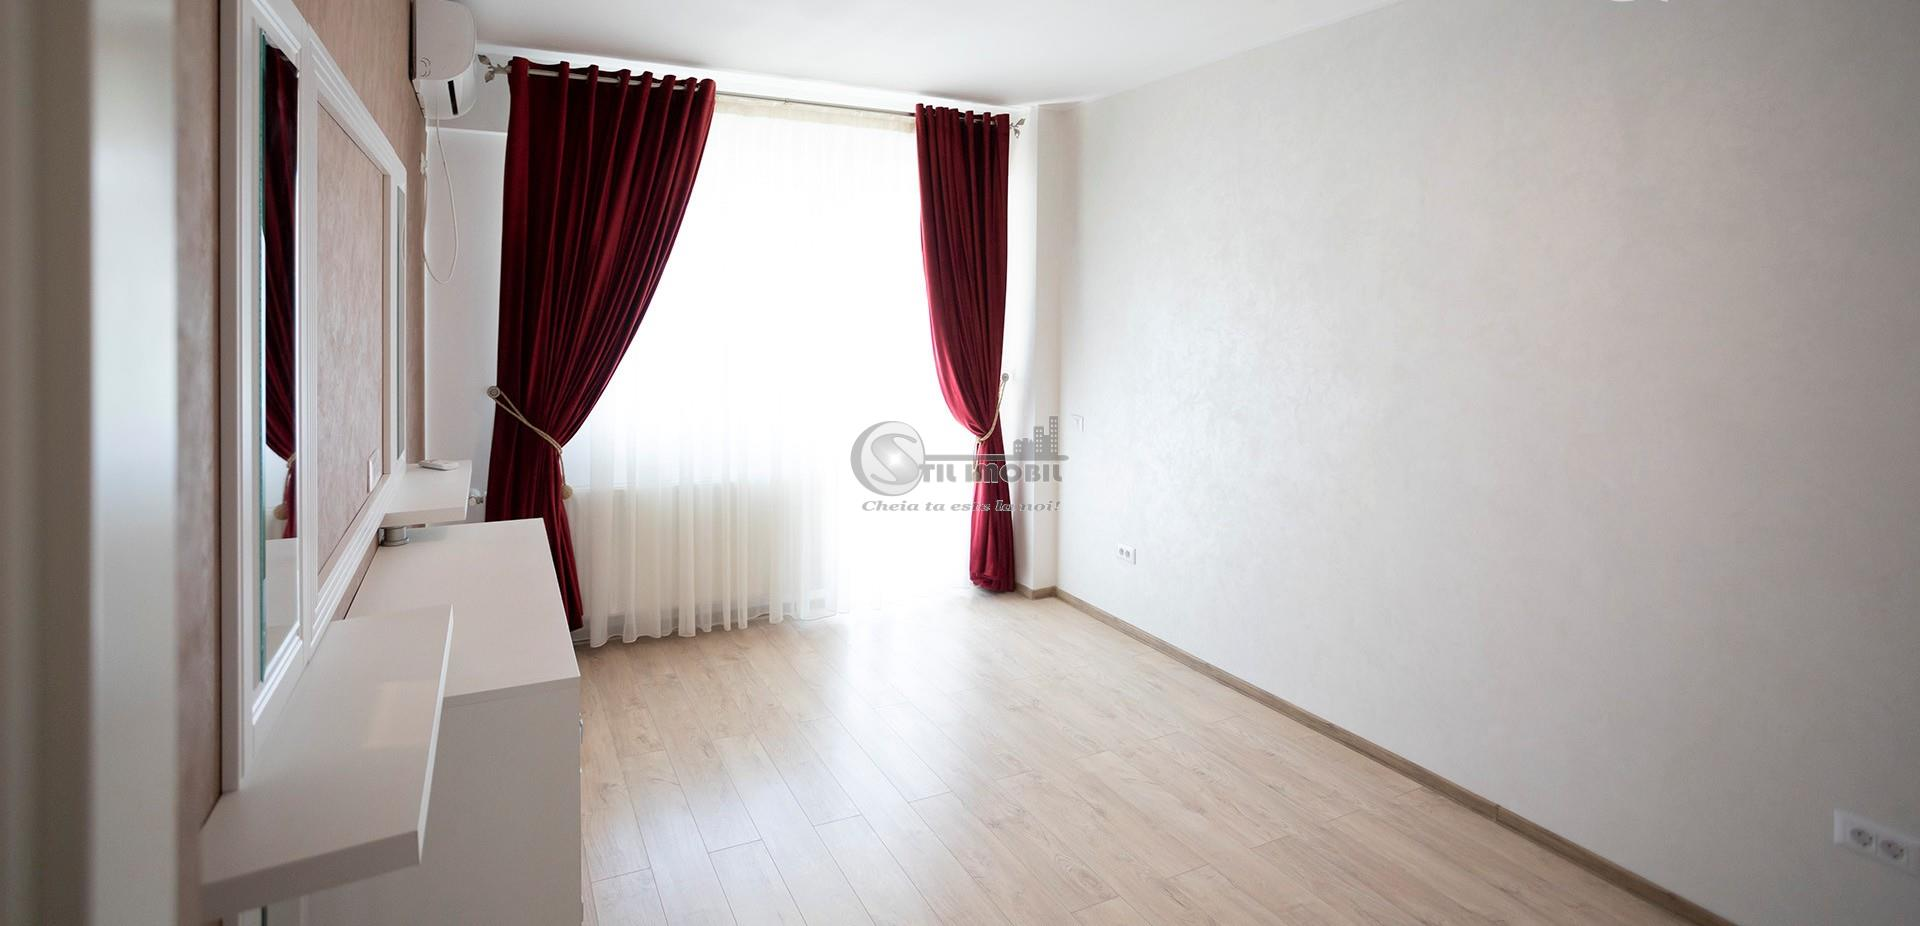 Apartament 1 camera, decomandat, Palas, predare imediata